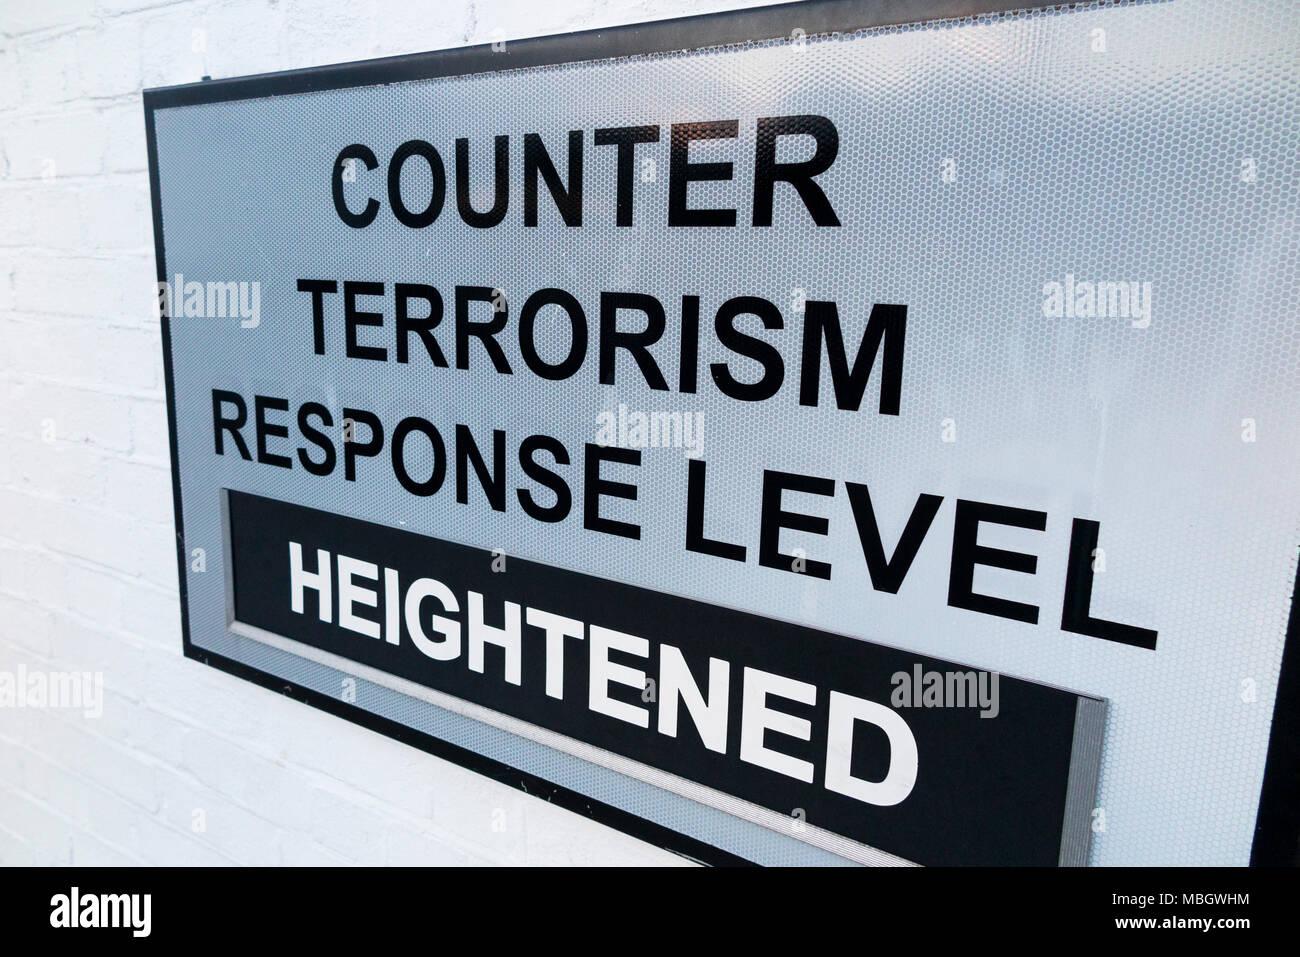 Warnschild am historischen Naval Dockyard, Portsmouth, erhöhte Terrorismusbekämpfung Bedrohung zu diesem Zeitpunkt in Kraft zu zeigen auf dem Marinestützpunkt. Großbritannien Stockbild